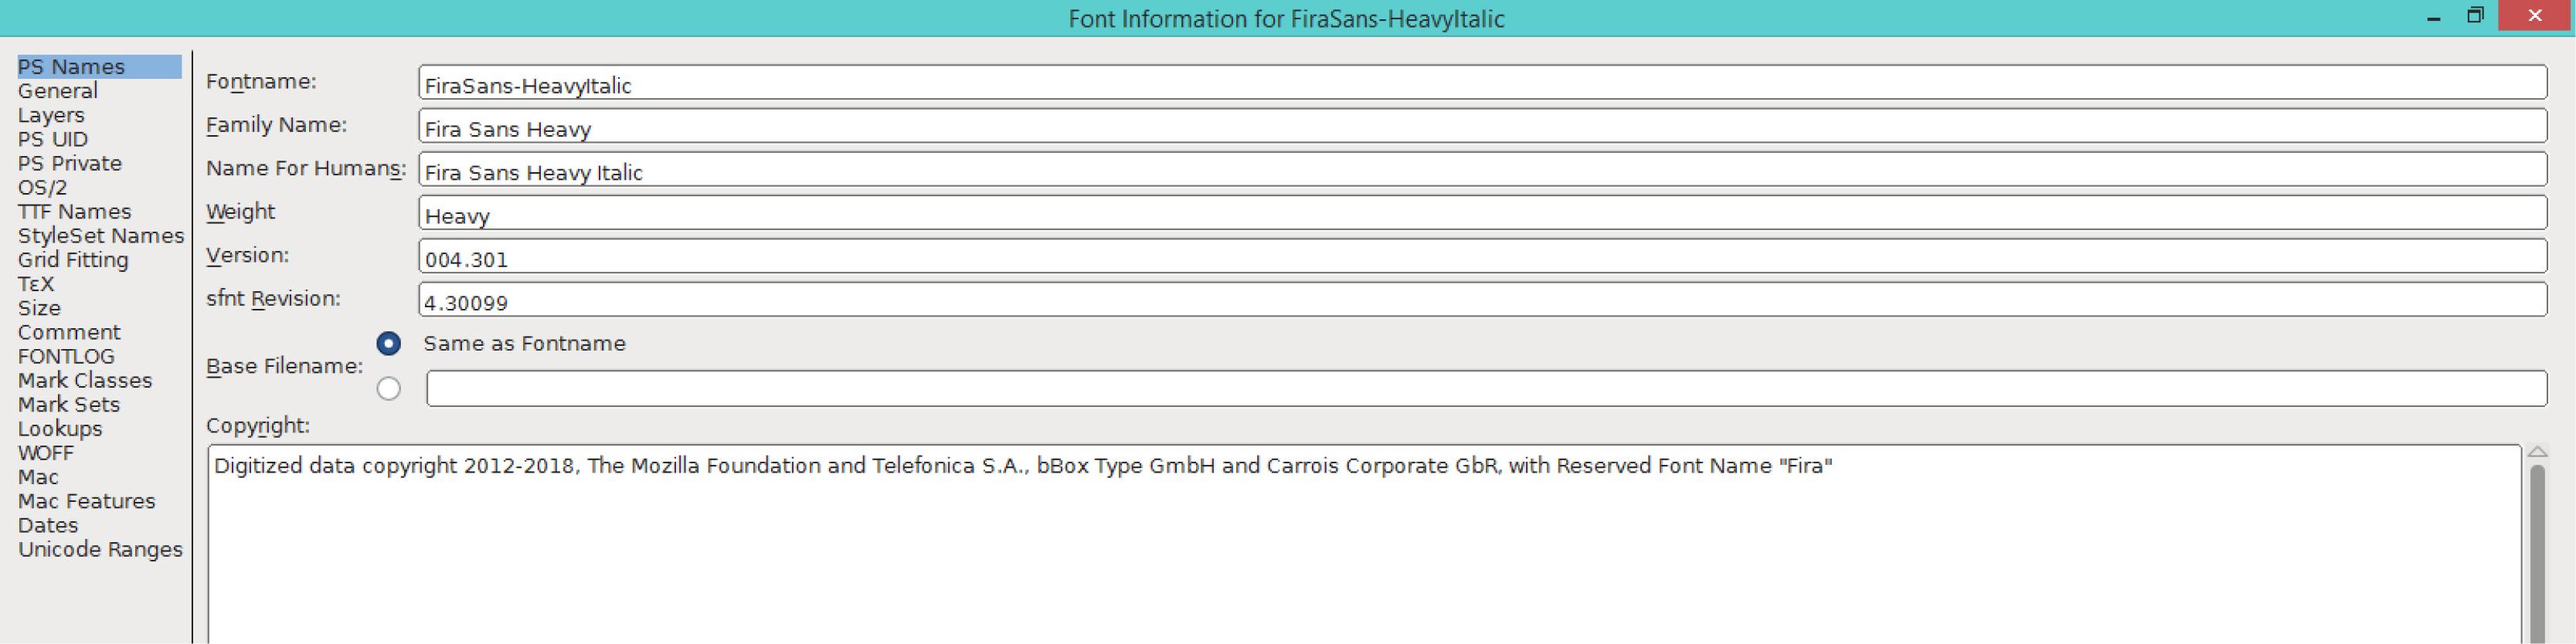 Fira Sans Heavy Italic (PS)